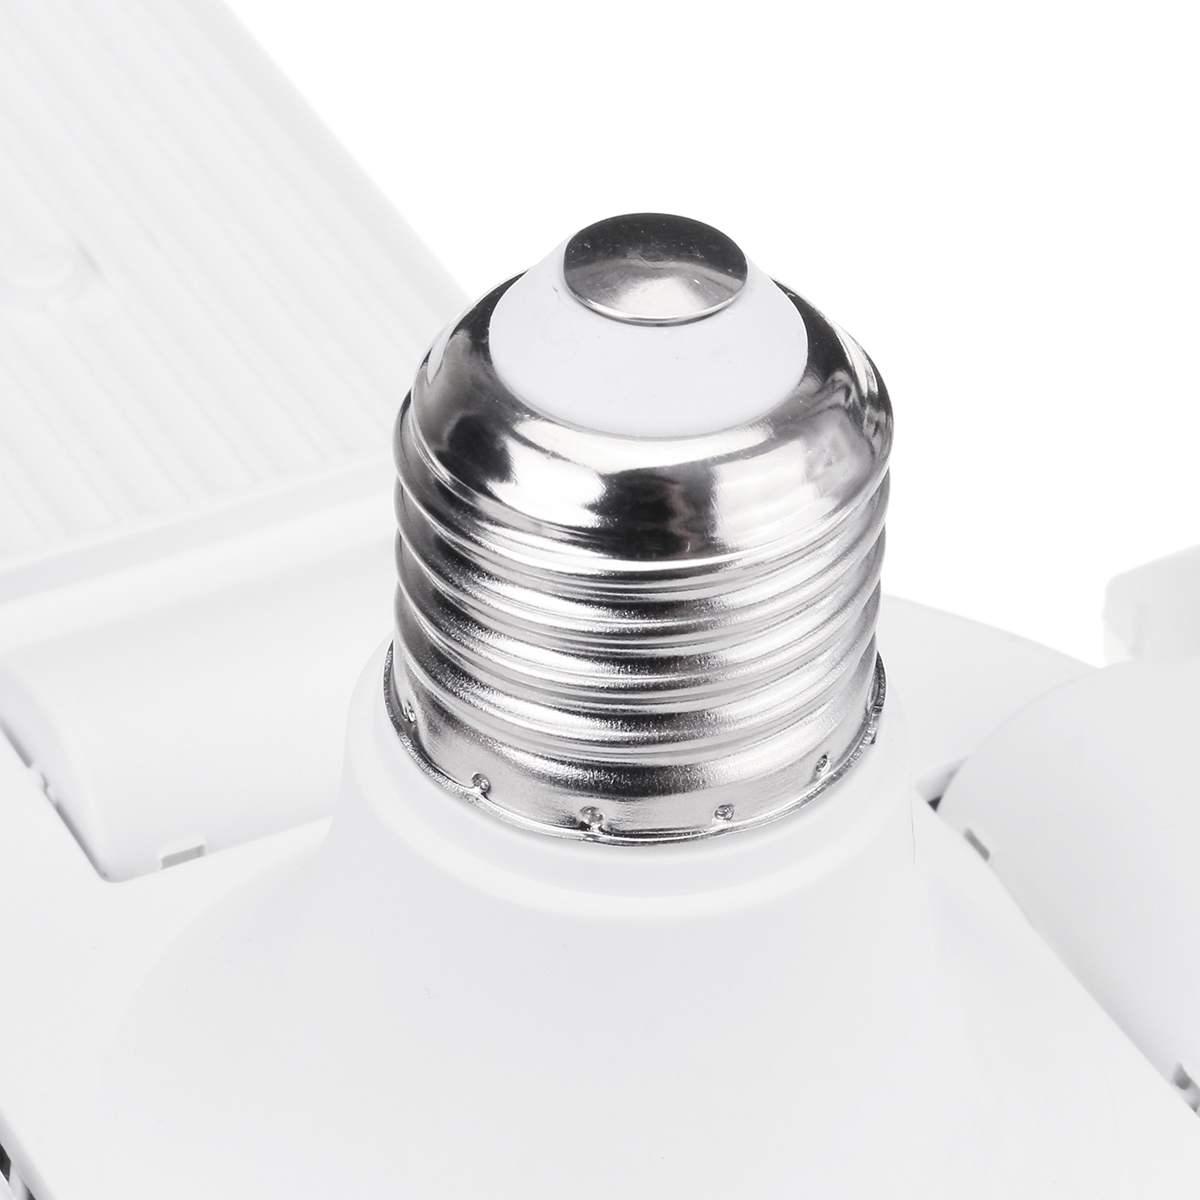 300W LED Garage Lights Foldable E27 Bulb 4 Adjustable Fan Blades Deformable Workshop Warehouse Ceiling Lighting 6500K AC110-265V enlarge